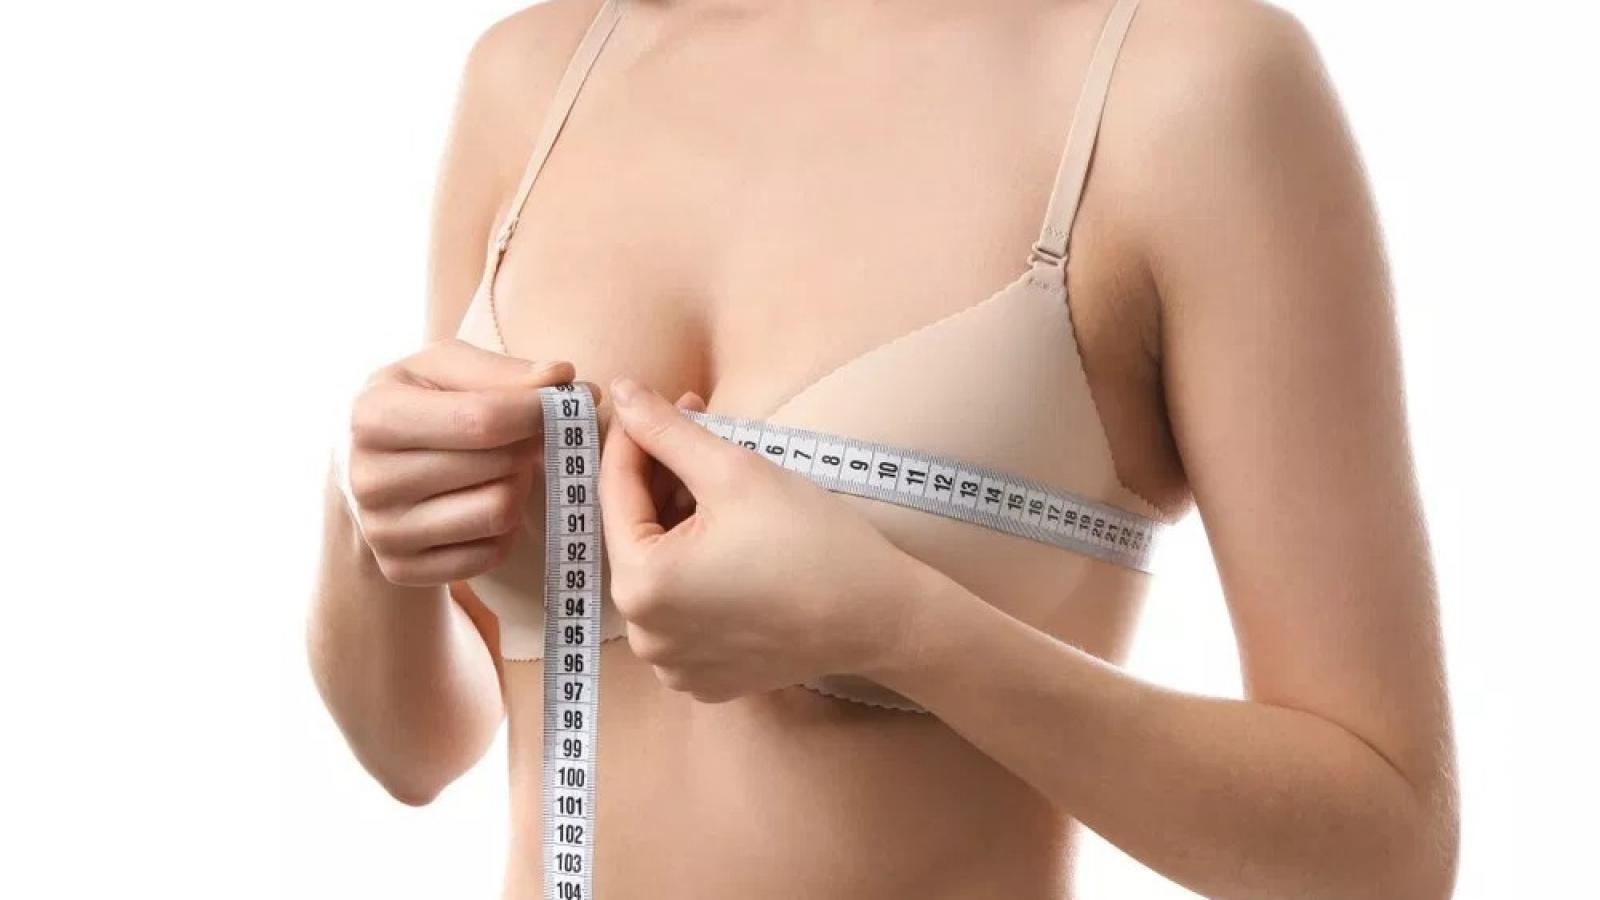 clinica de cirurgia plastica em santos dra ana lucia lemos reduçao de mama 20